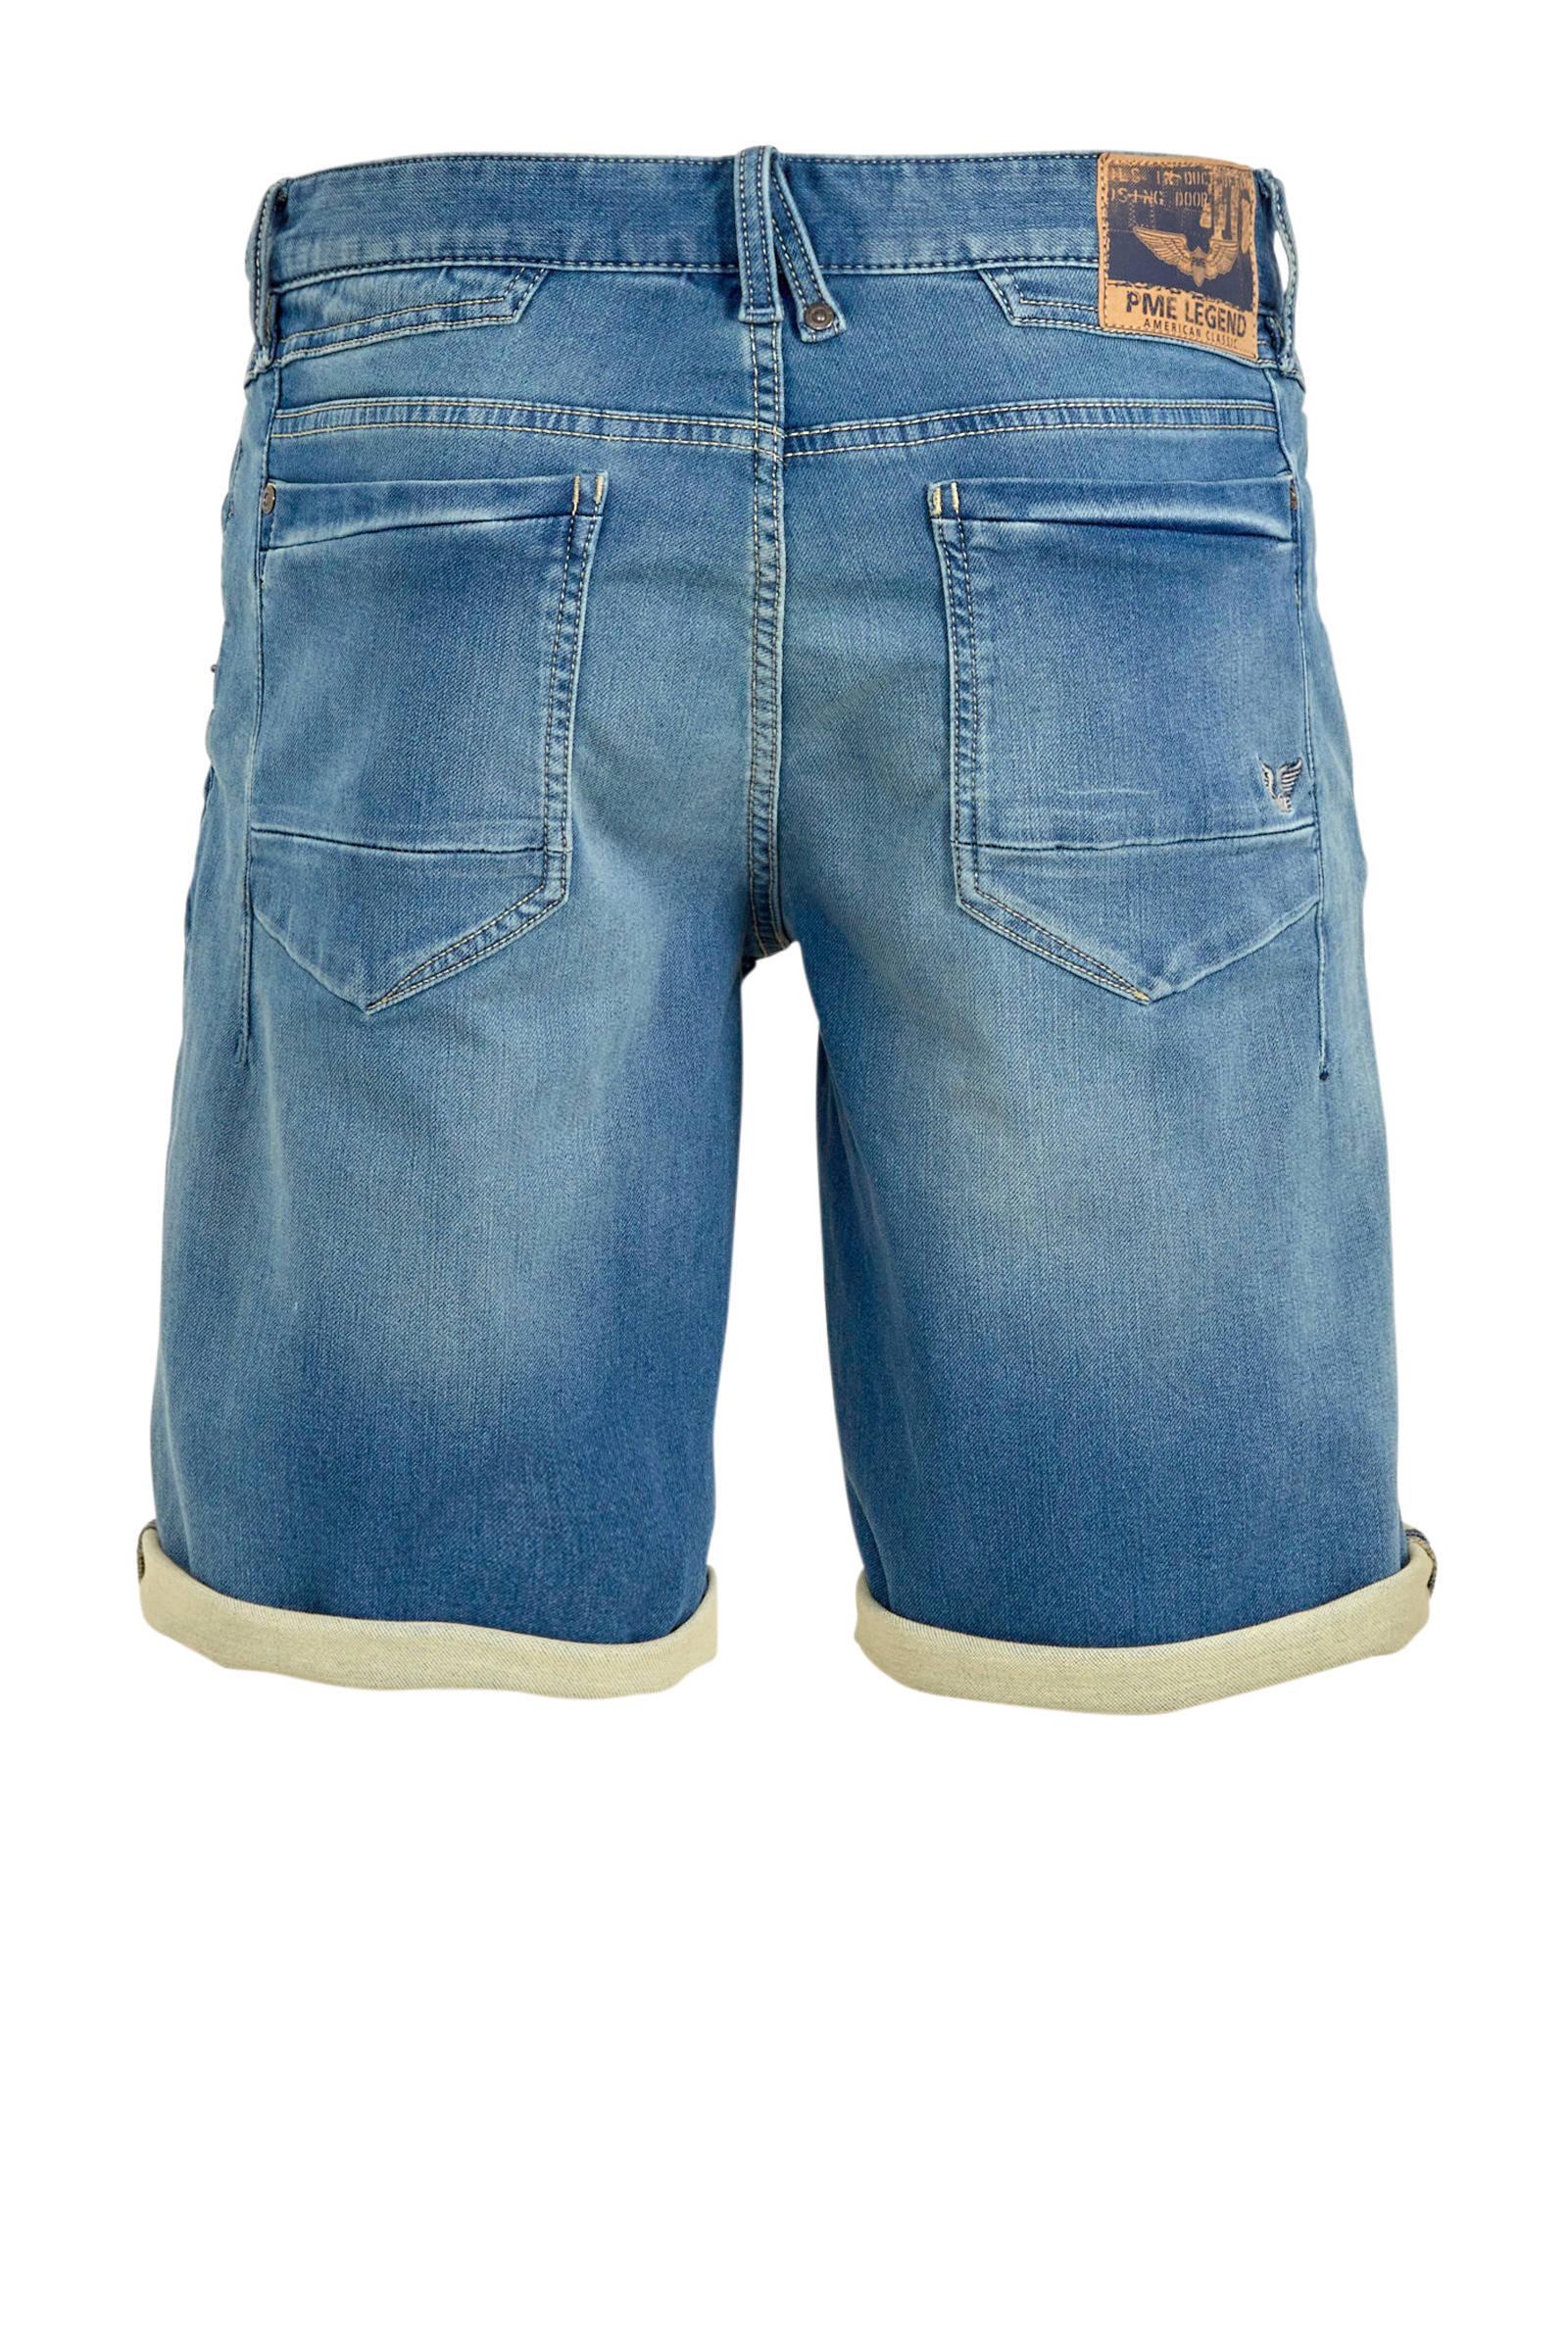 pme legend regular fit jeans short stonewashed 8718955860373 - Pme Korte Broek Heren Sale